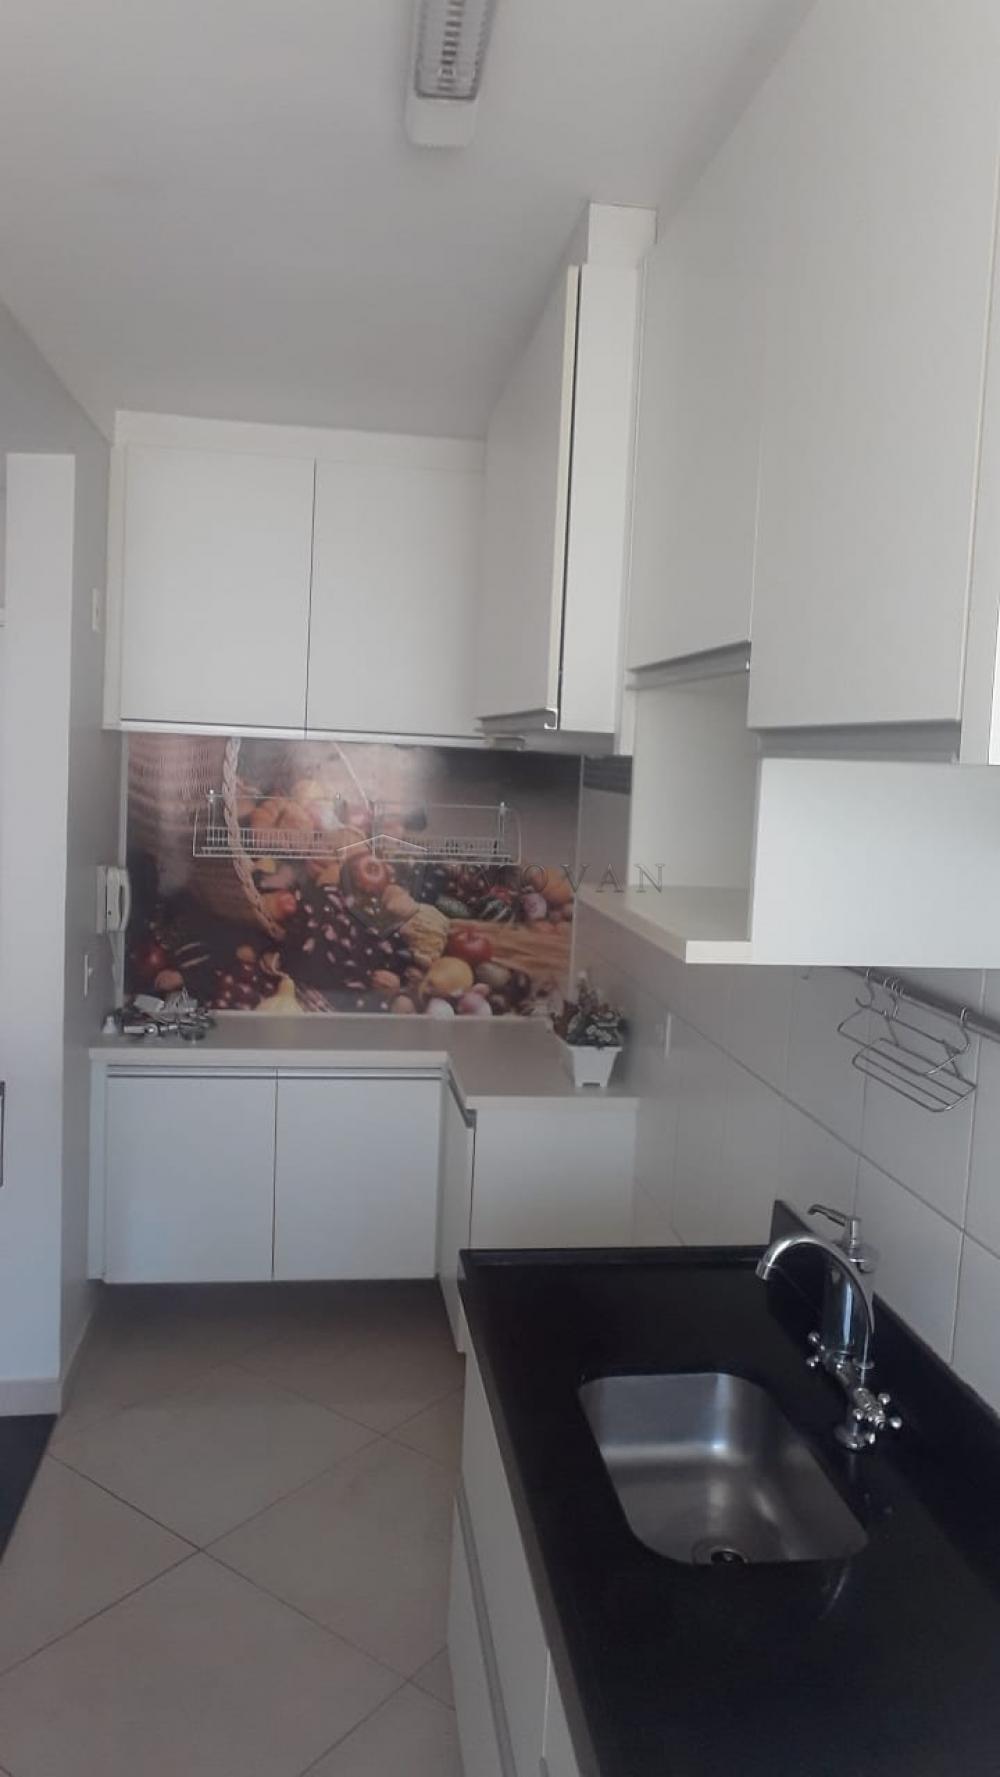 Alugar Apartamento / Cobertura em Ribeirão Preto apenas R$ 1.700,00 - Foto 16